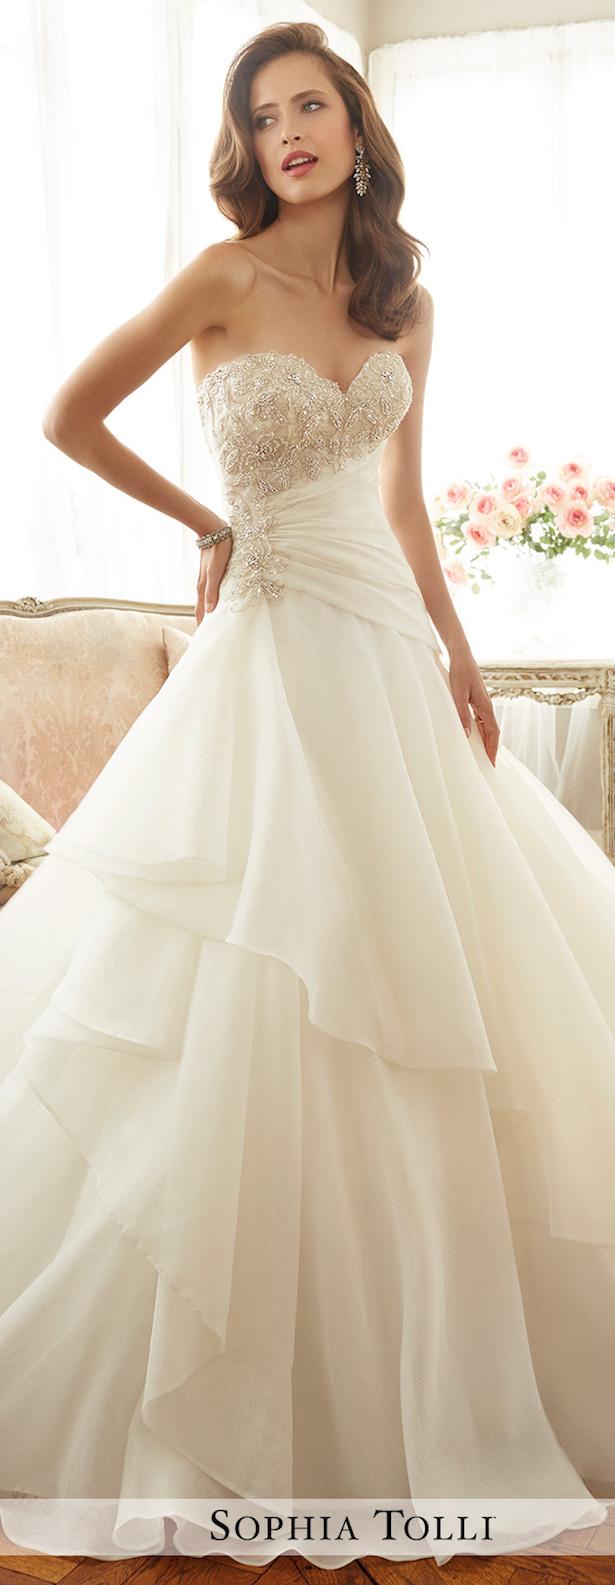 Sophia Tolli Wedding Gowns 88 Nice  sweetheart neckline wedding